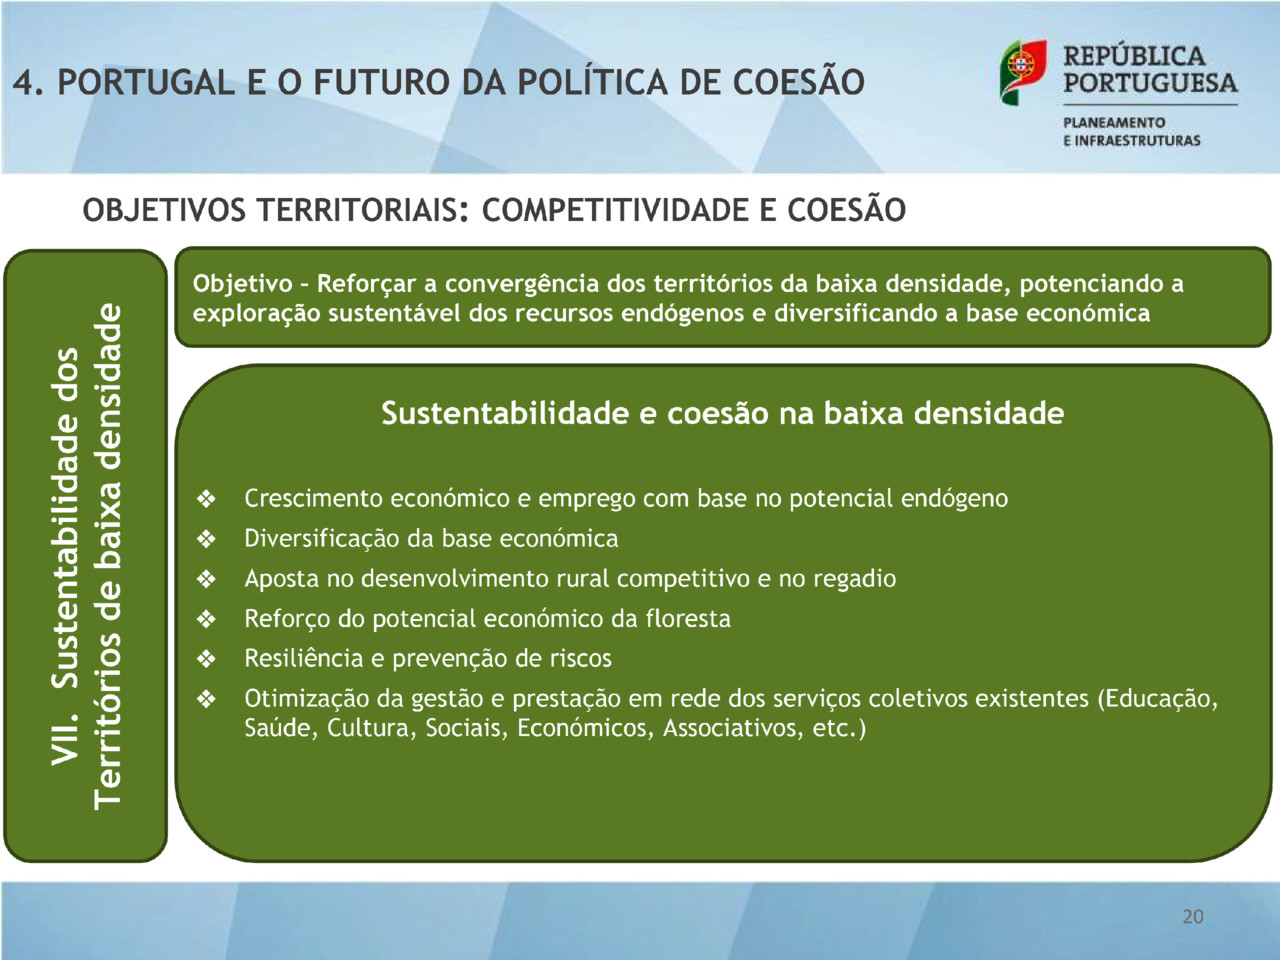 QUADRO - Sustentabilidade e coesão na baixa densi